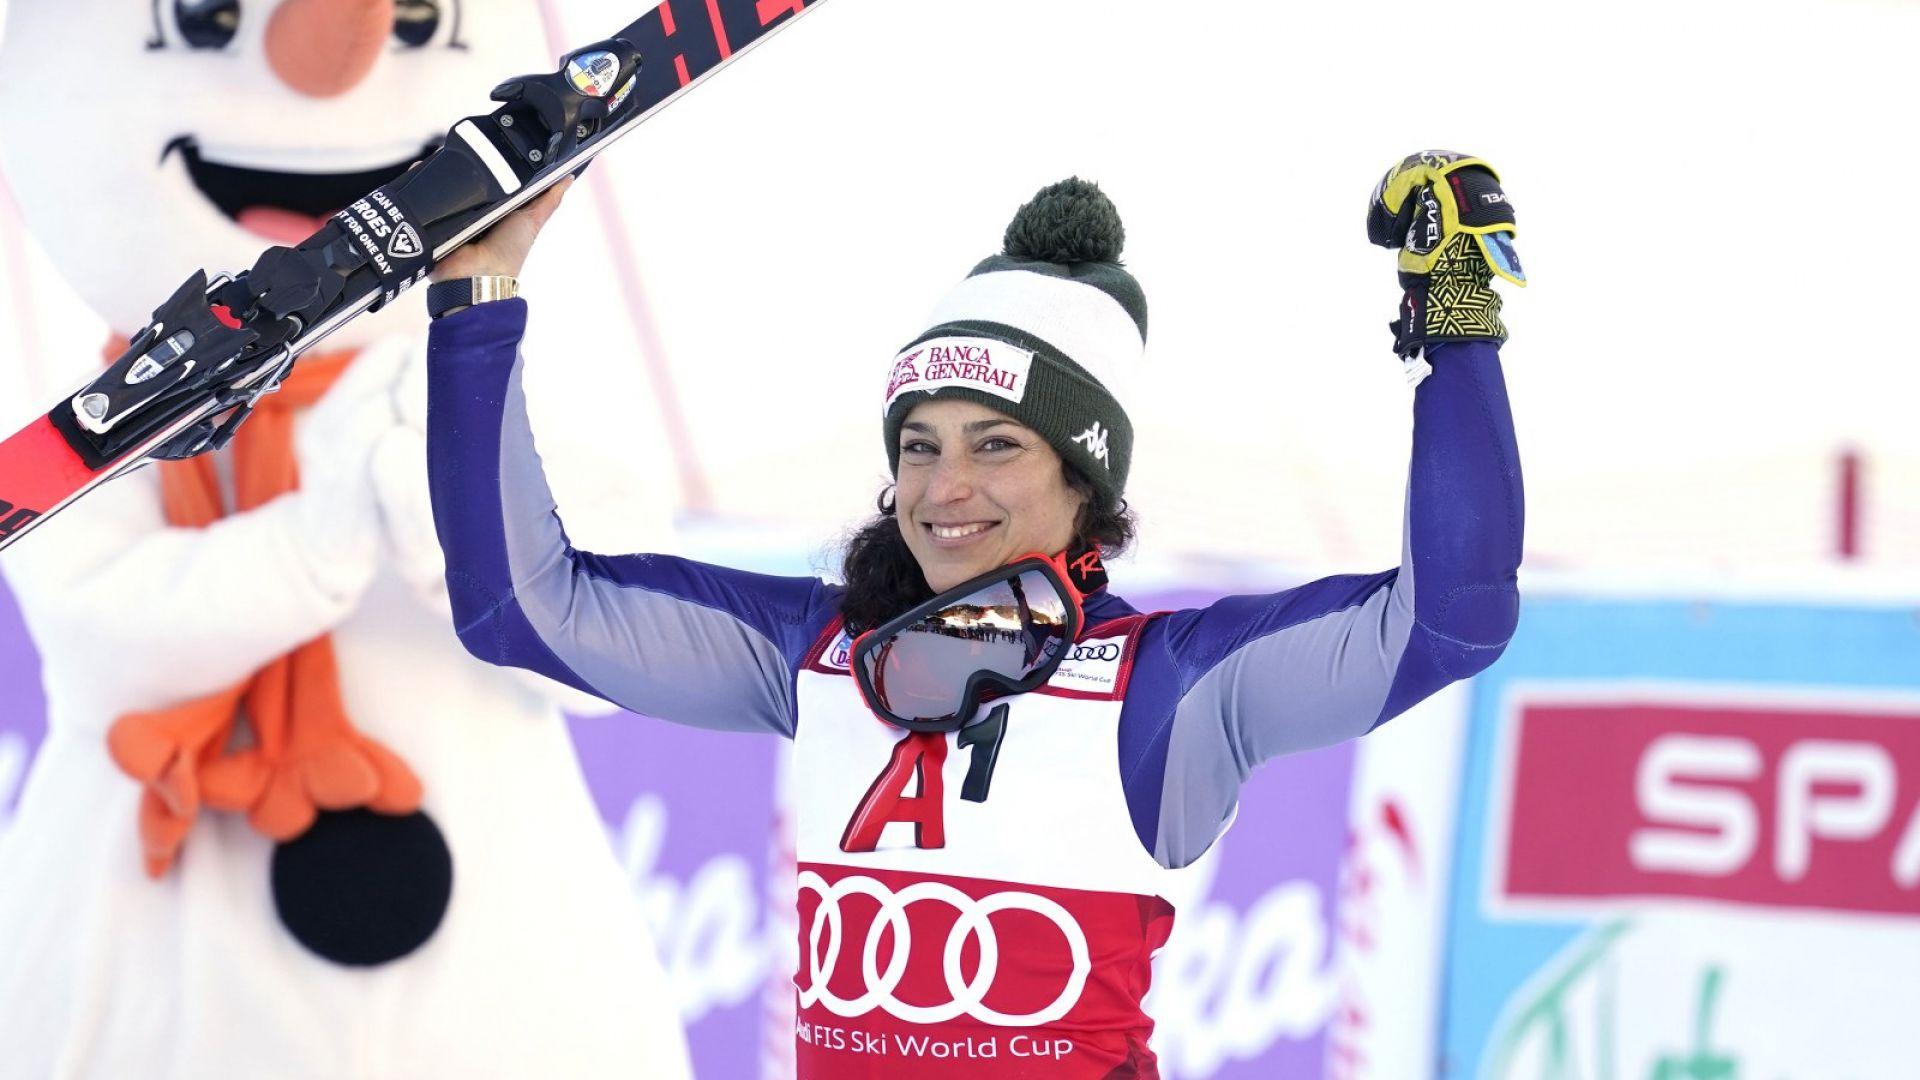 Италианка спечели първата алпийска комбинация за сезона